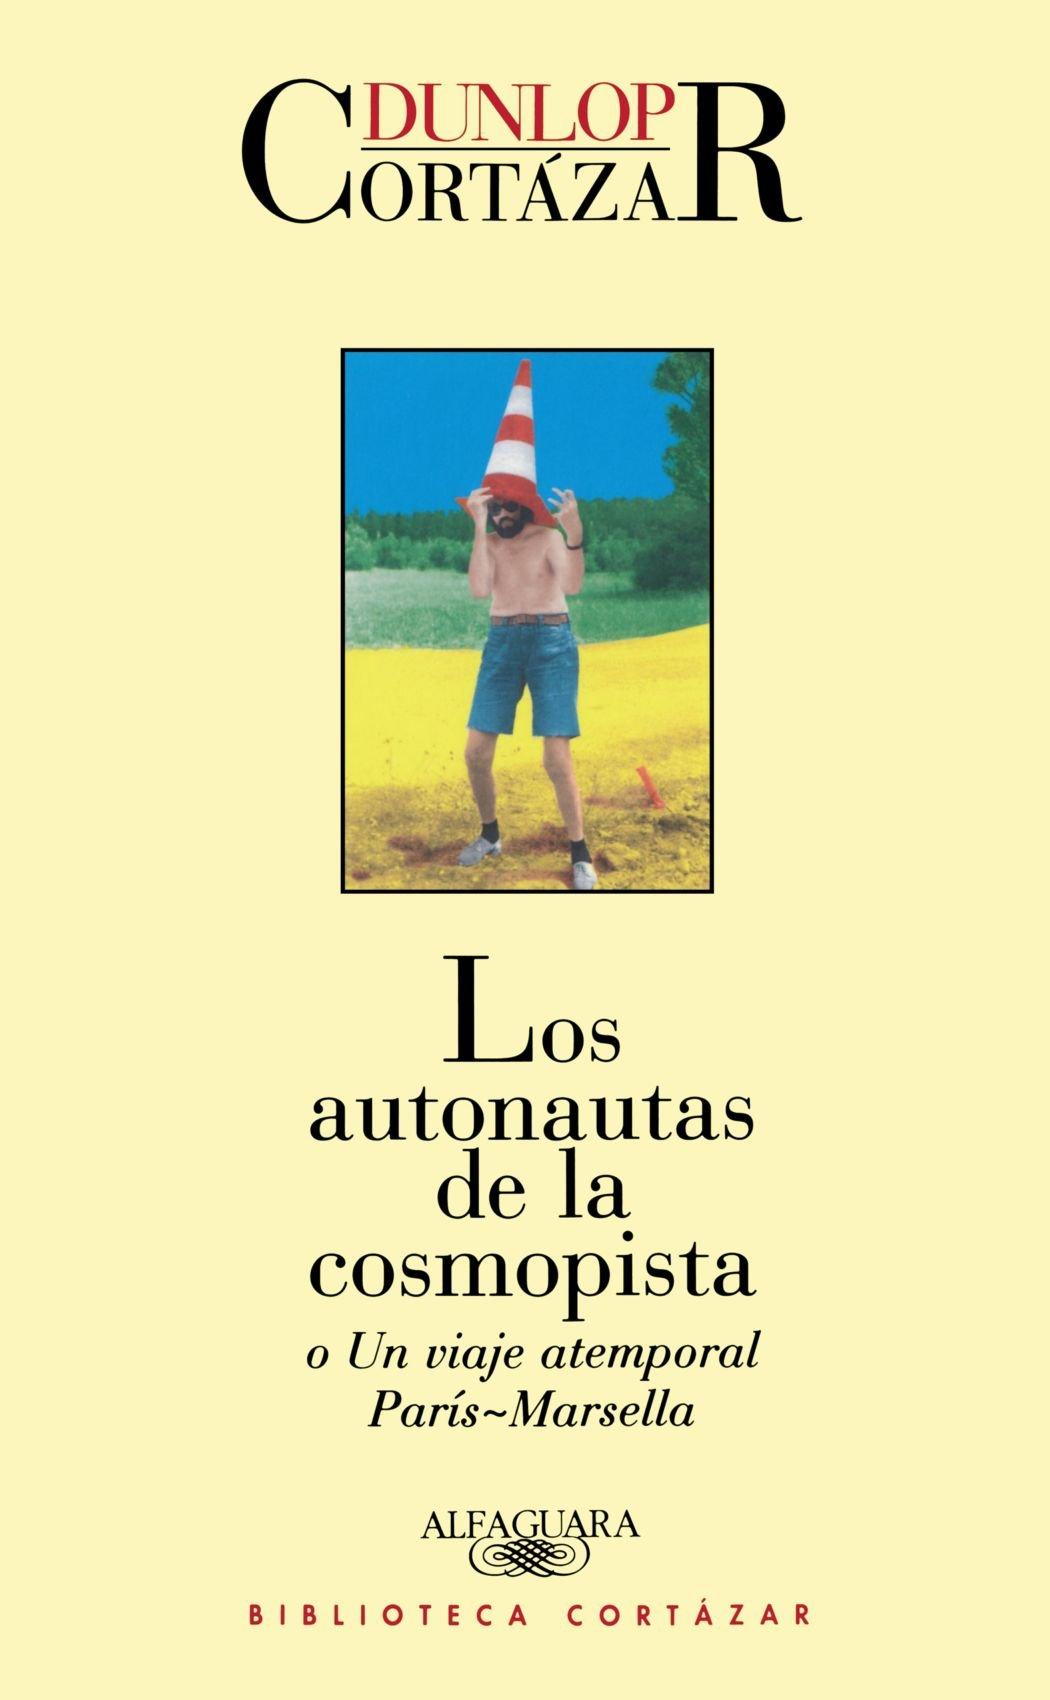 Los Autonautas de La Cosmopista: Amazon.es: Cortazar, Julio ...